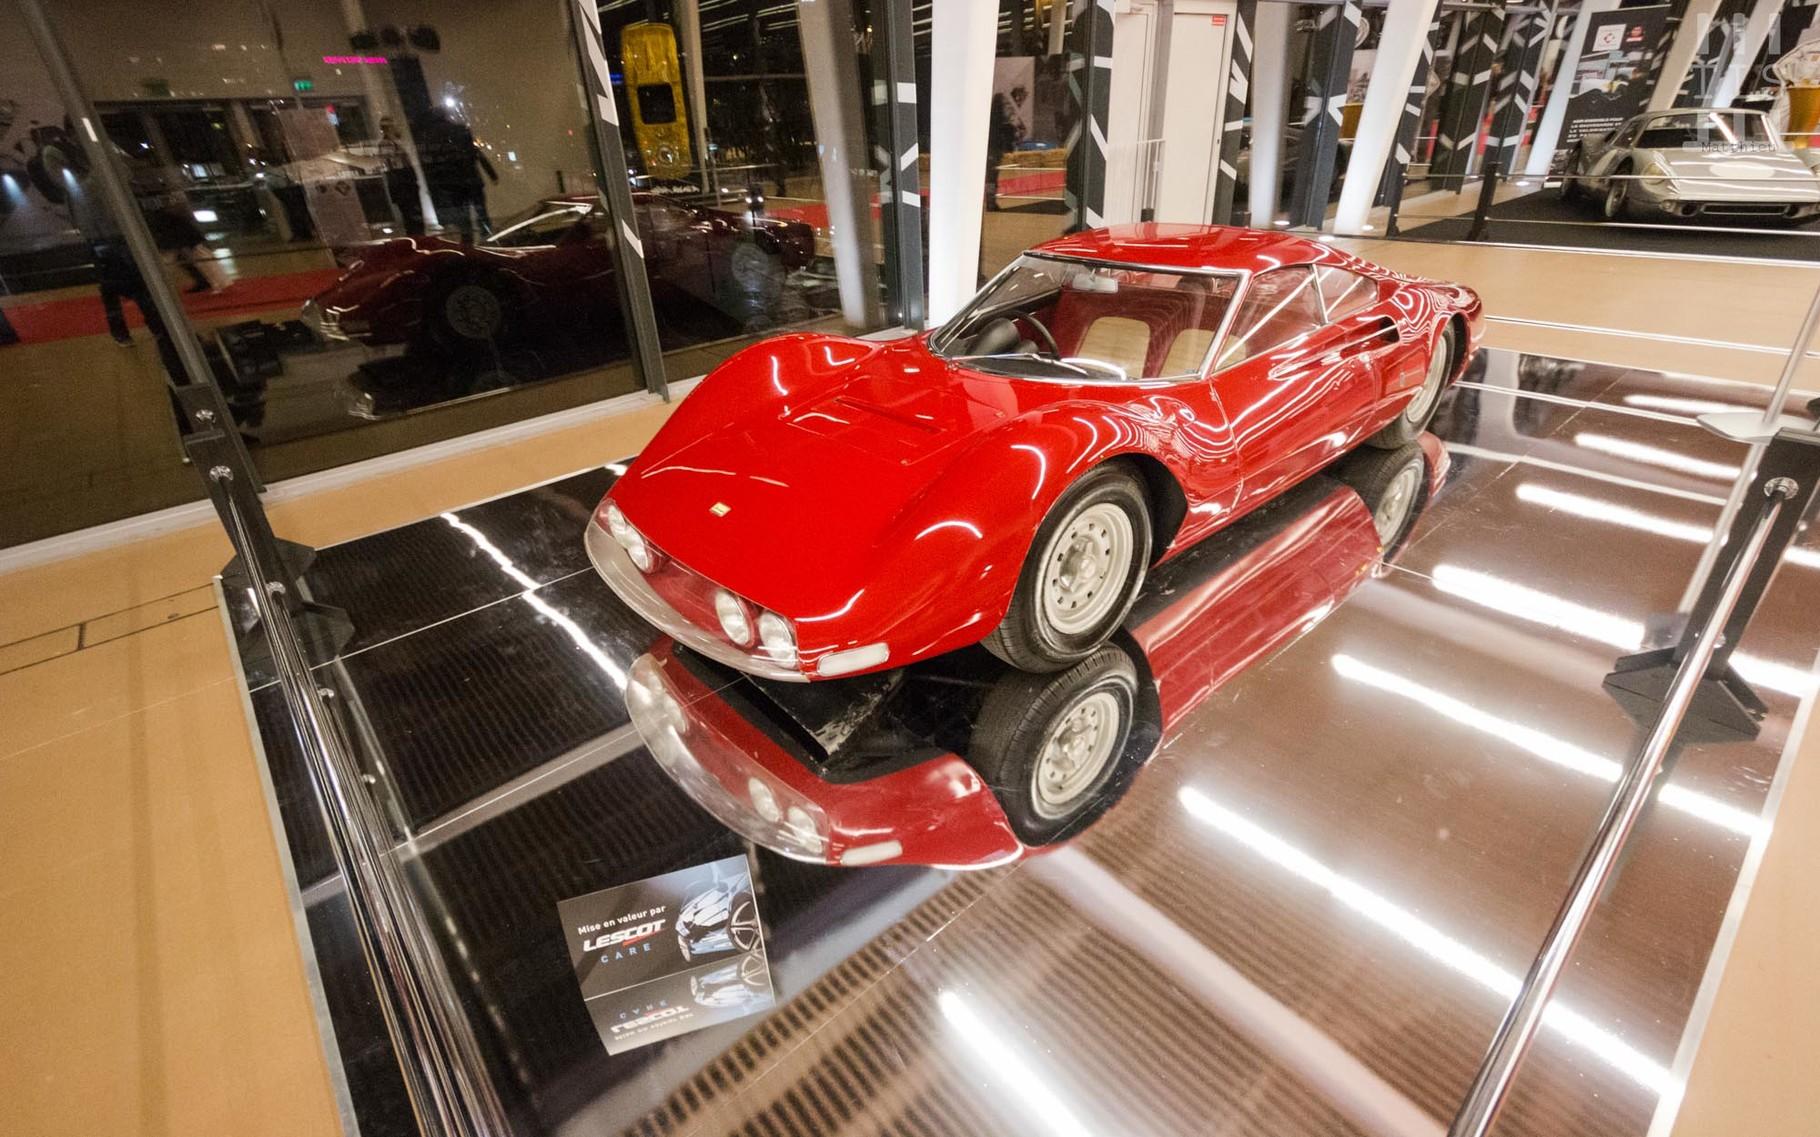 Ce prototype Dino, la Dino Berlinetta Speciale, préfigure la 206 GT puis la 246 GT. Artcurial la mettra en vente aux enchères lors de l'édition 2017 de Rétromobile !